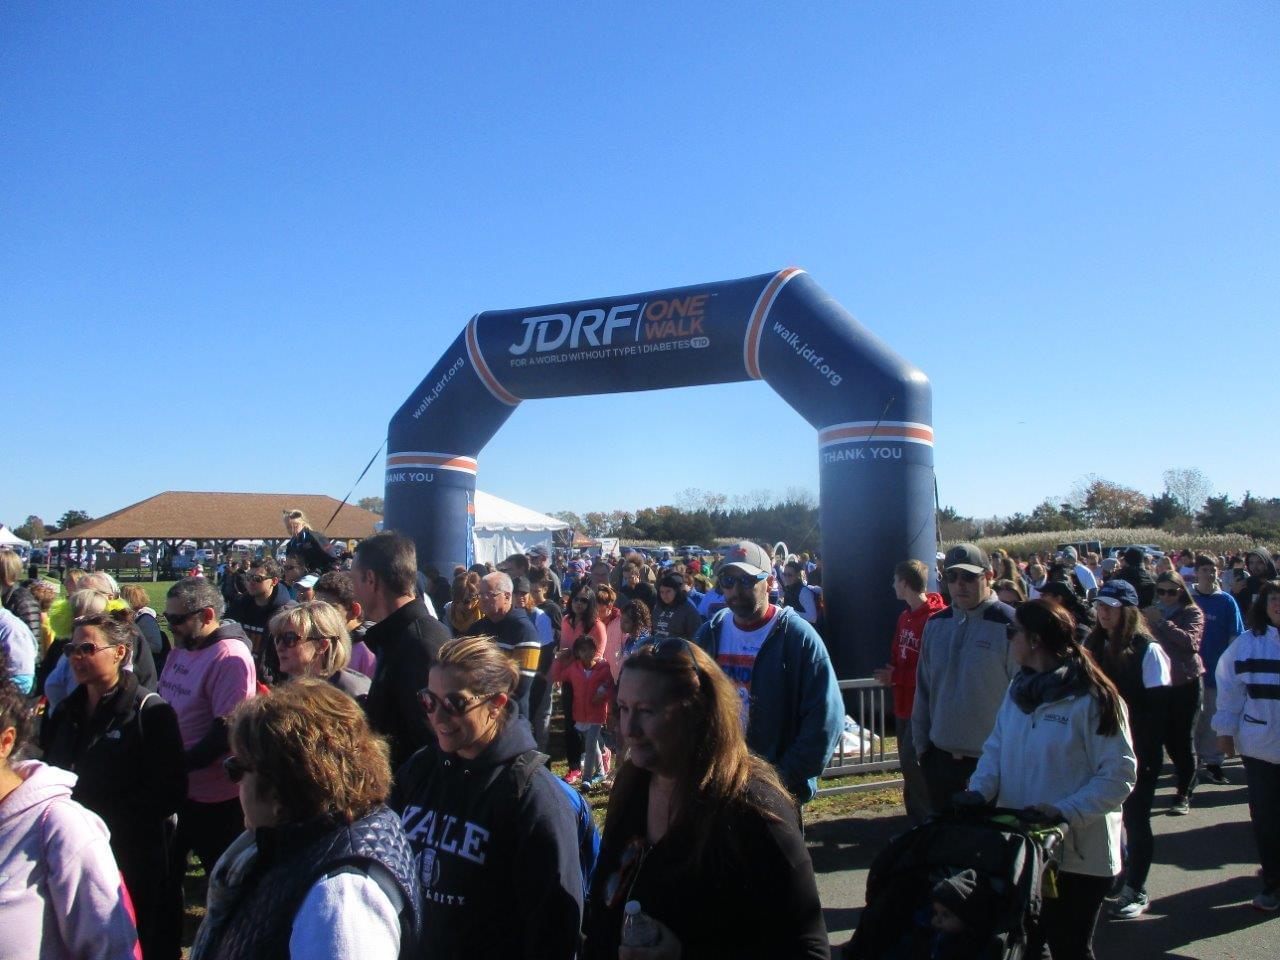 JDRF One Walk 10/19/19